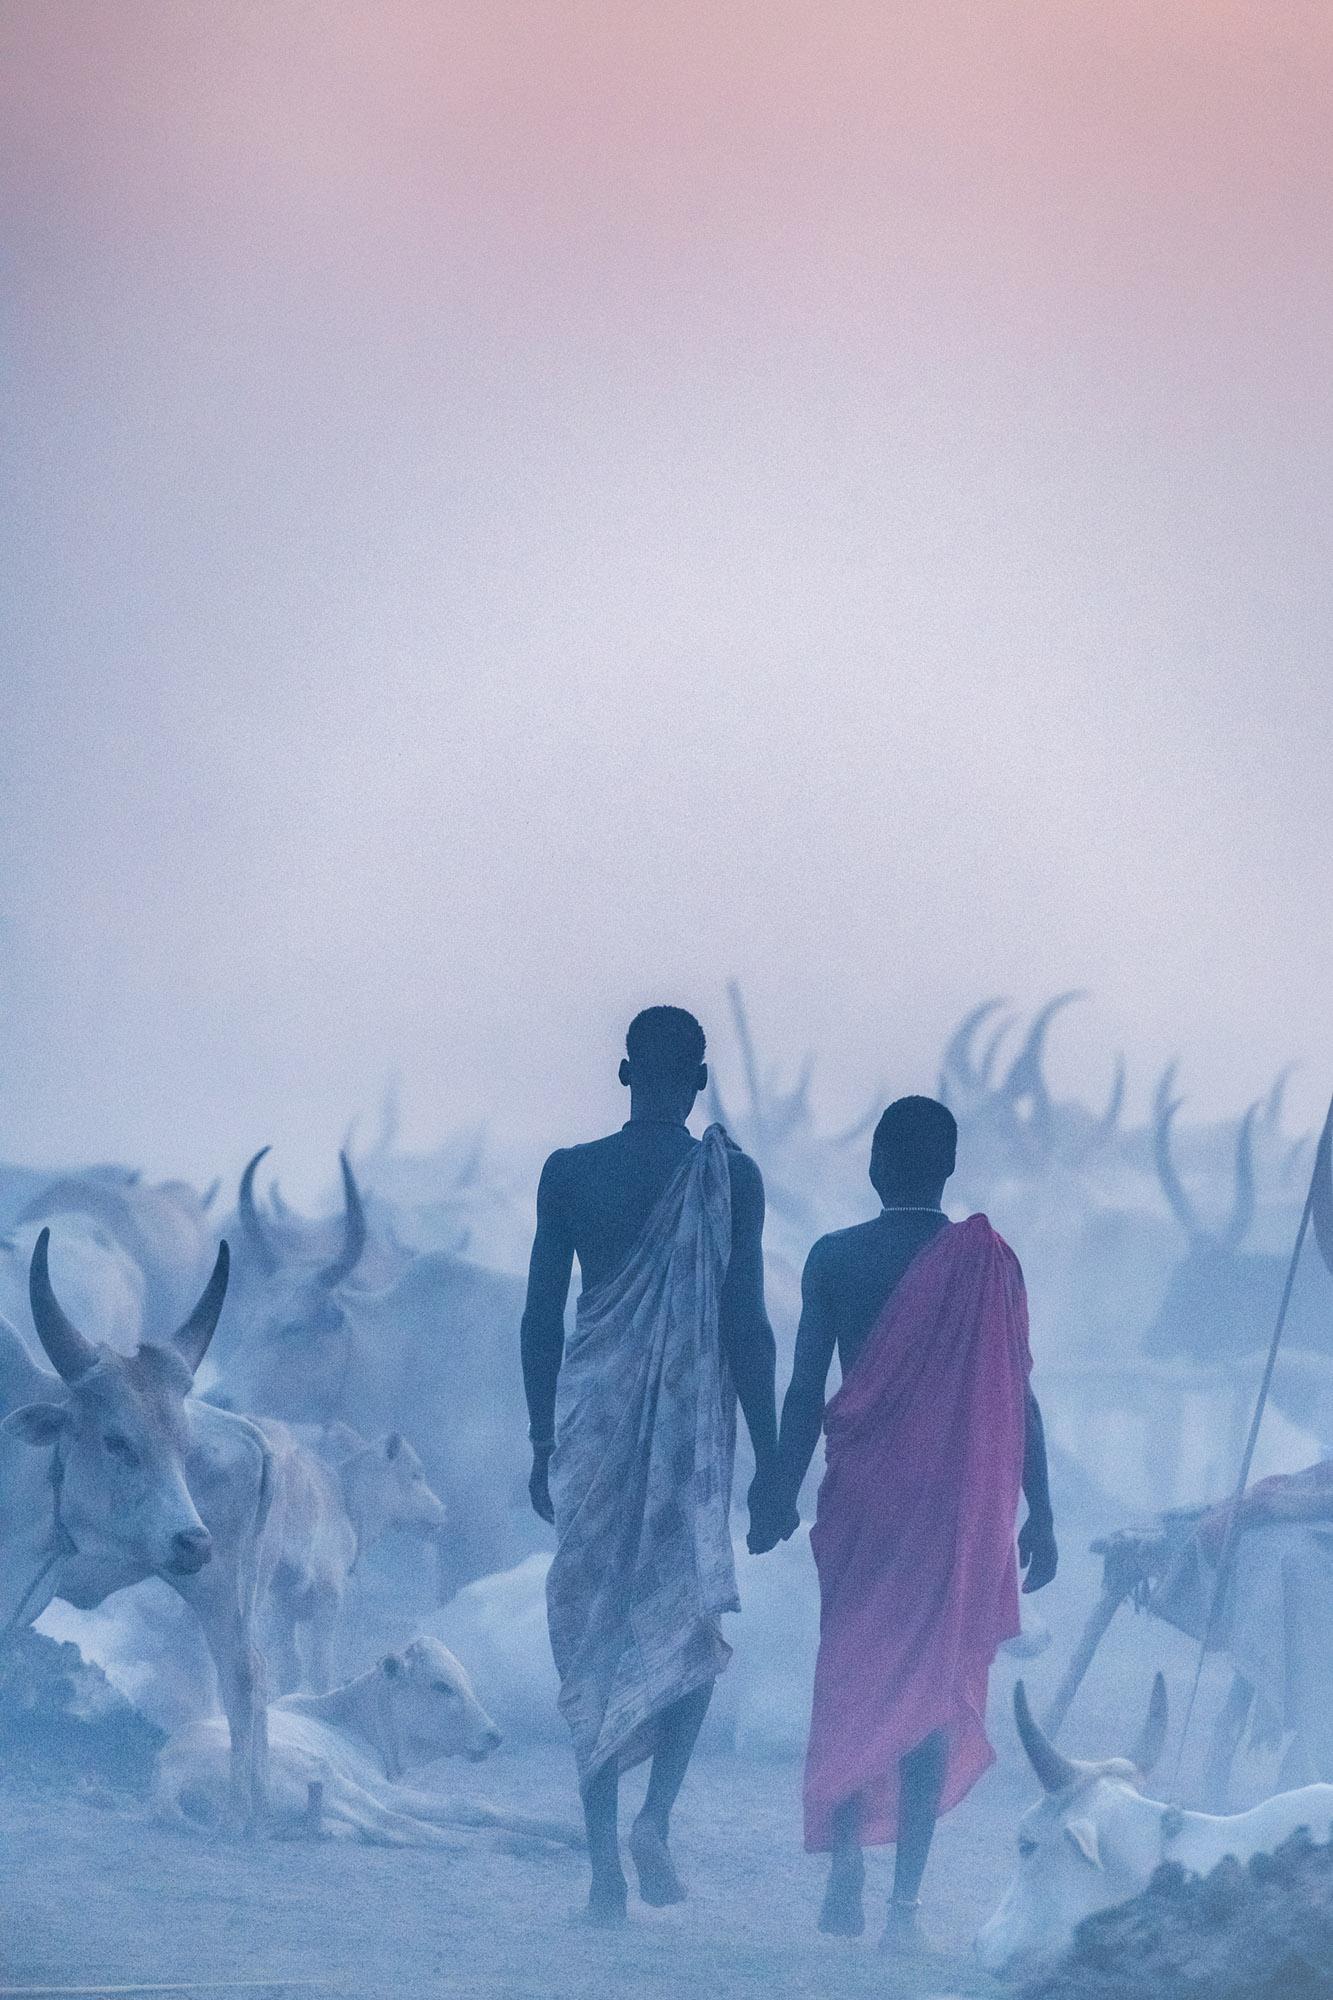 Photographie de voyage par Trevor Cole de deux hommes entourés de leur bétail marchant à Khartoum, Soudan